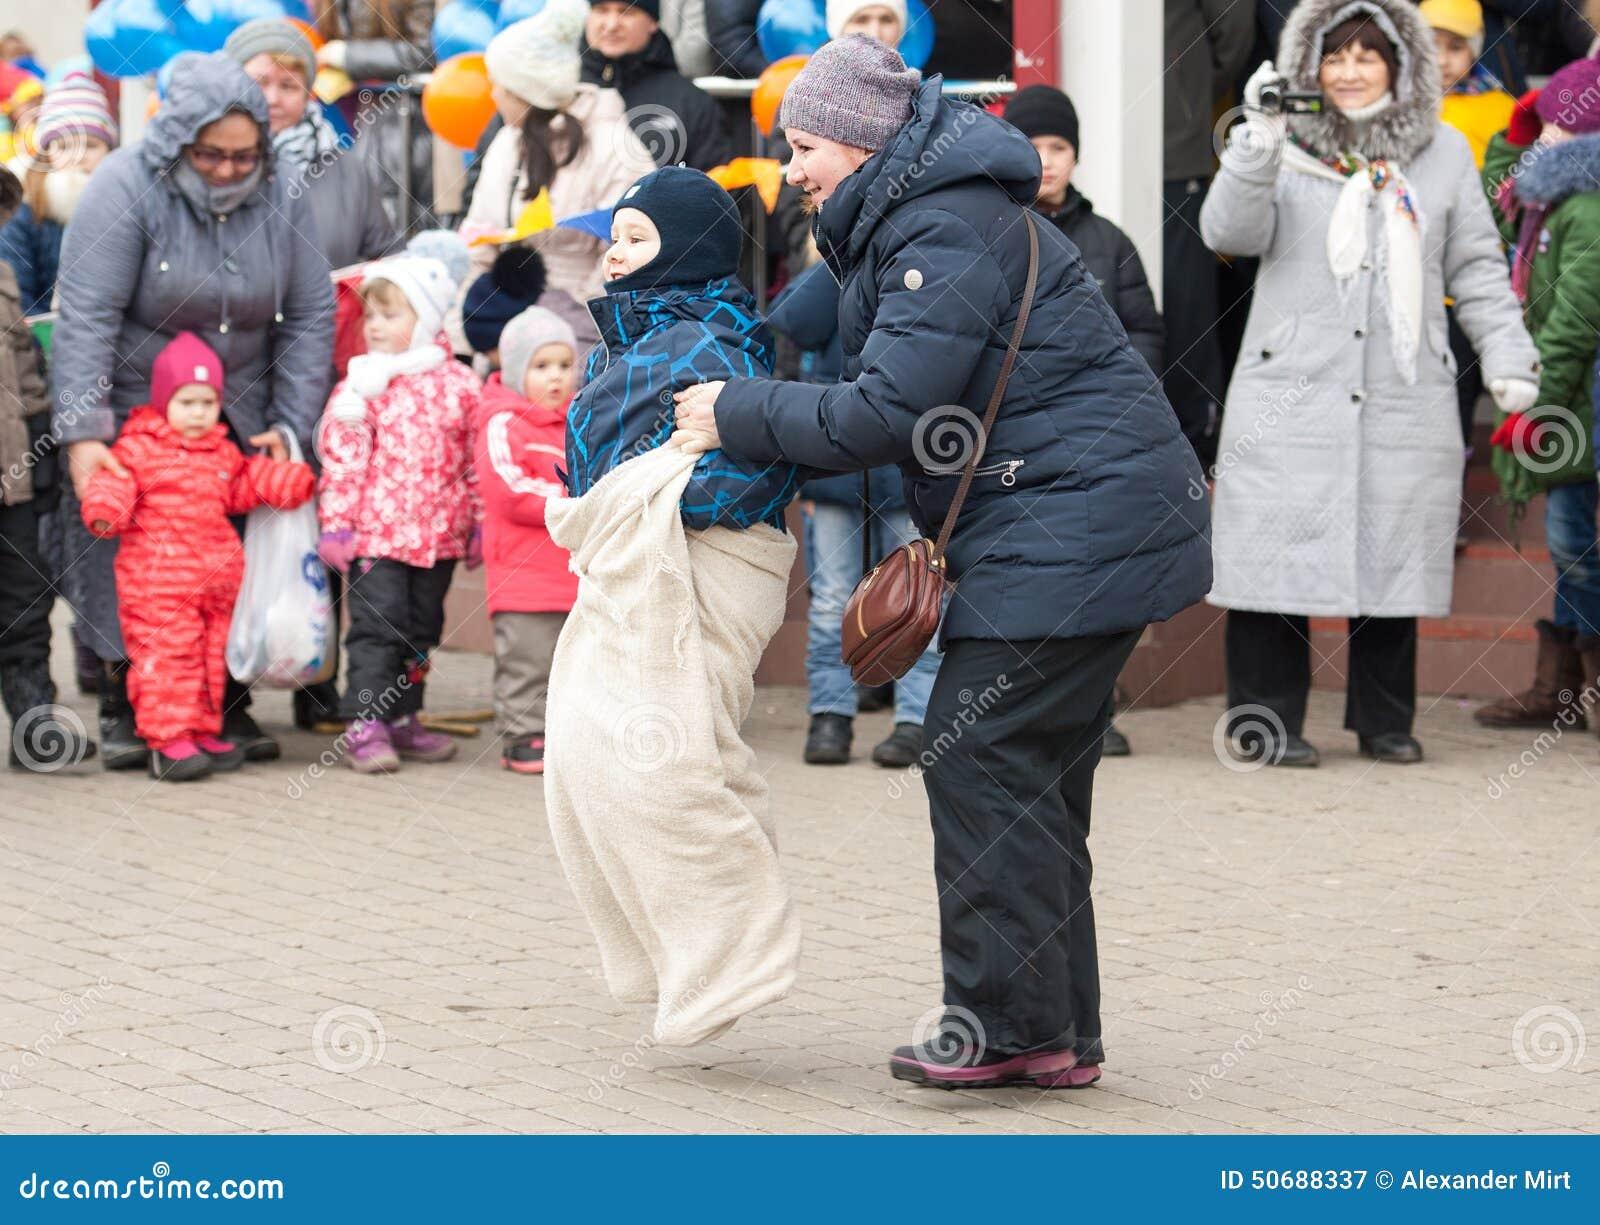 Download 跑在母亲帮助下 图库摄影片. 图片 包括有 招待, 中心, 森林, 食物, 方巾, 舞蹈, 外套, 文化 - 50688337